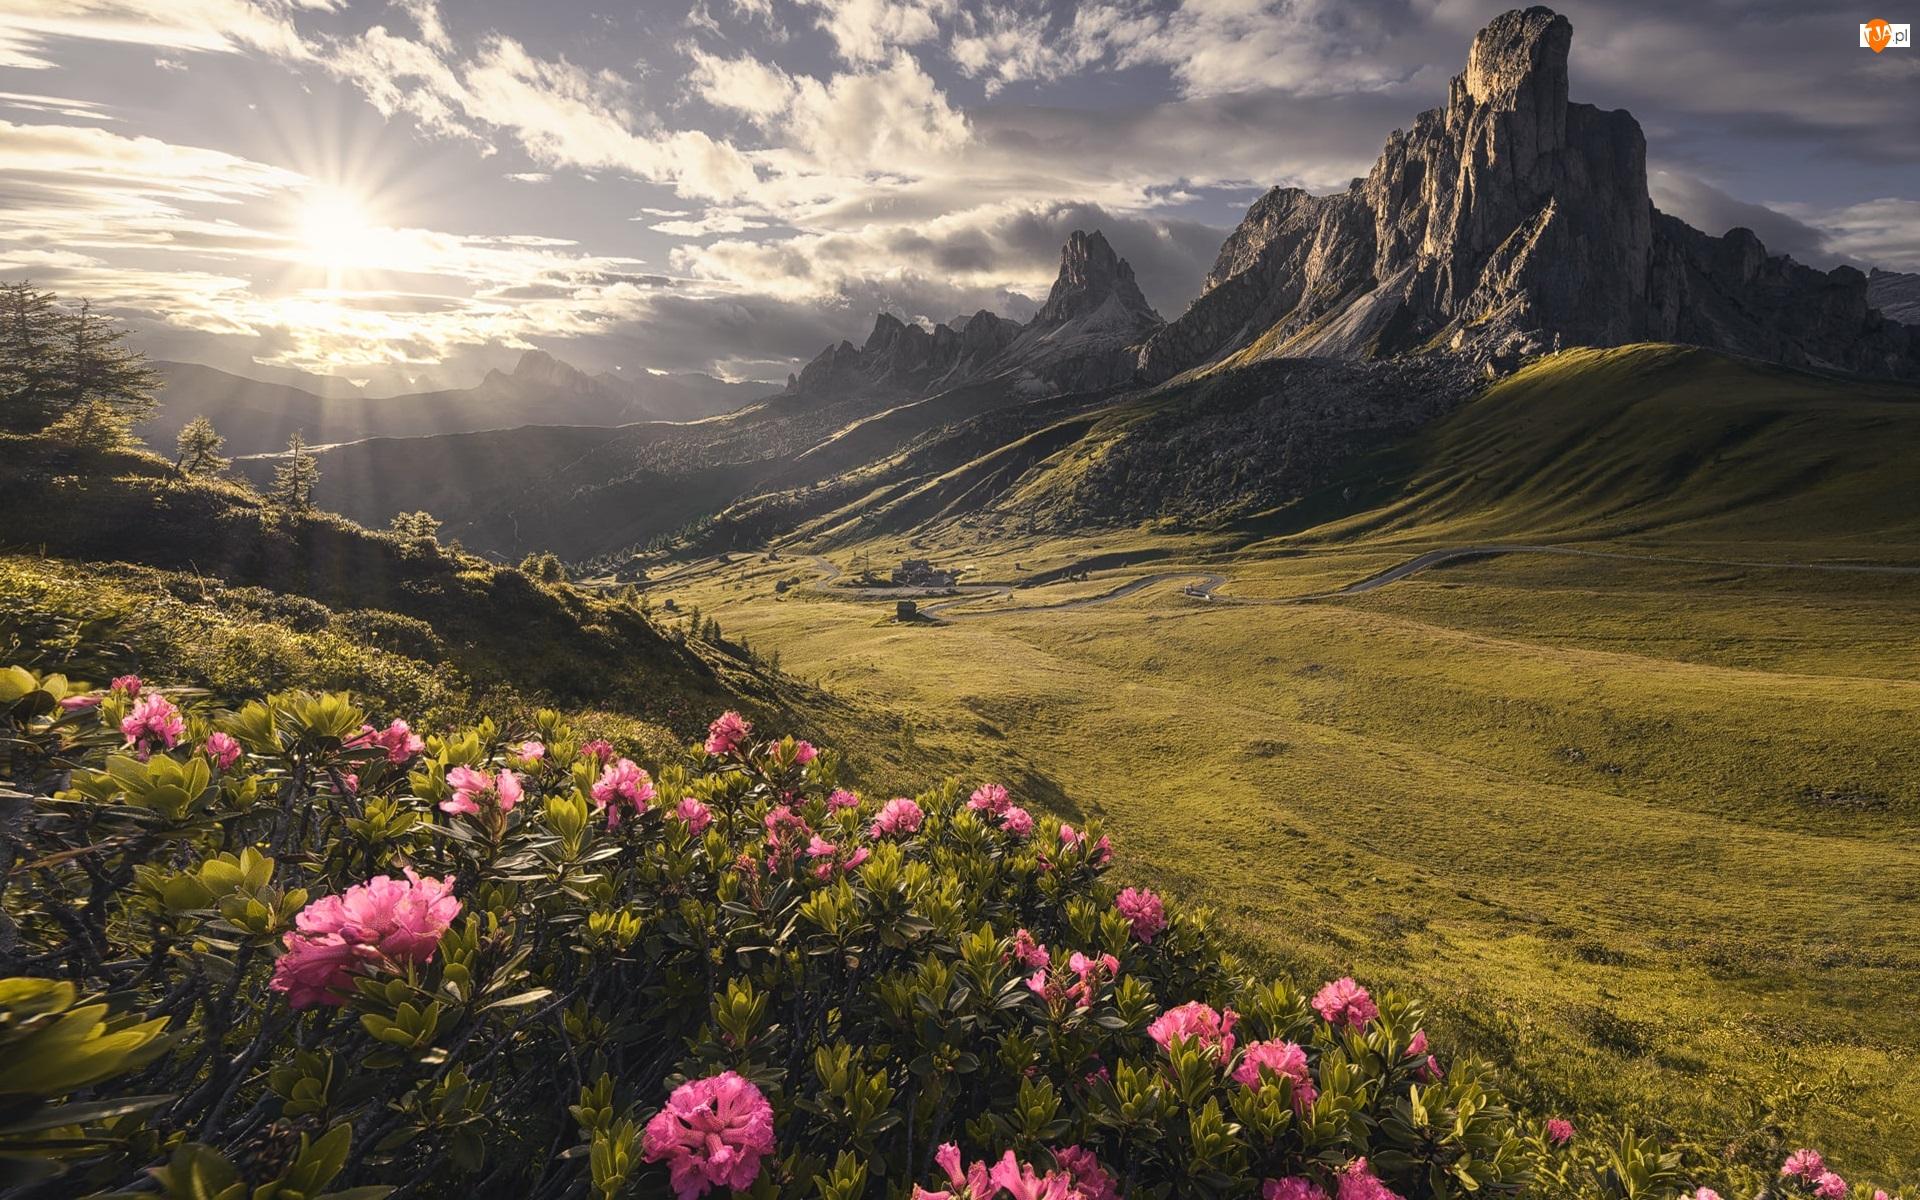 Góry, Droga, Promienie słońca, Różaneczniki, Przełęcz, Chmury Prowincja Belluno, Kręta, Dolomity, Kwiaty, Passo di Giau, Włochy